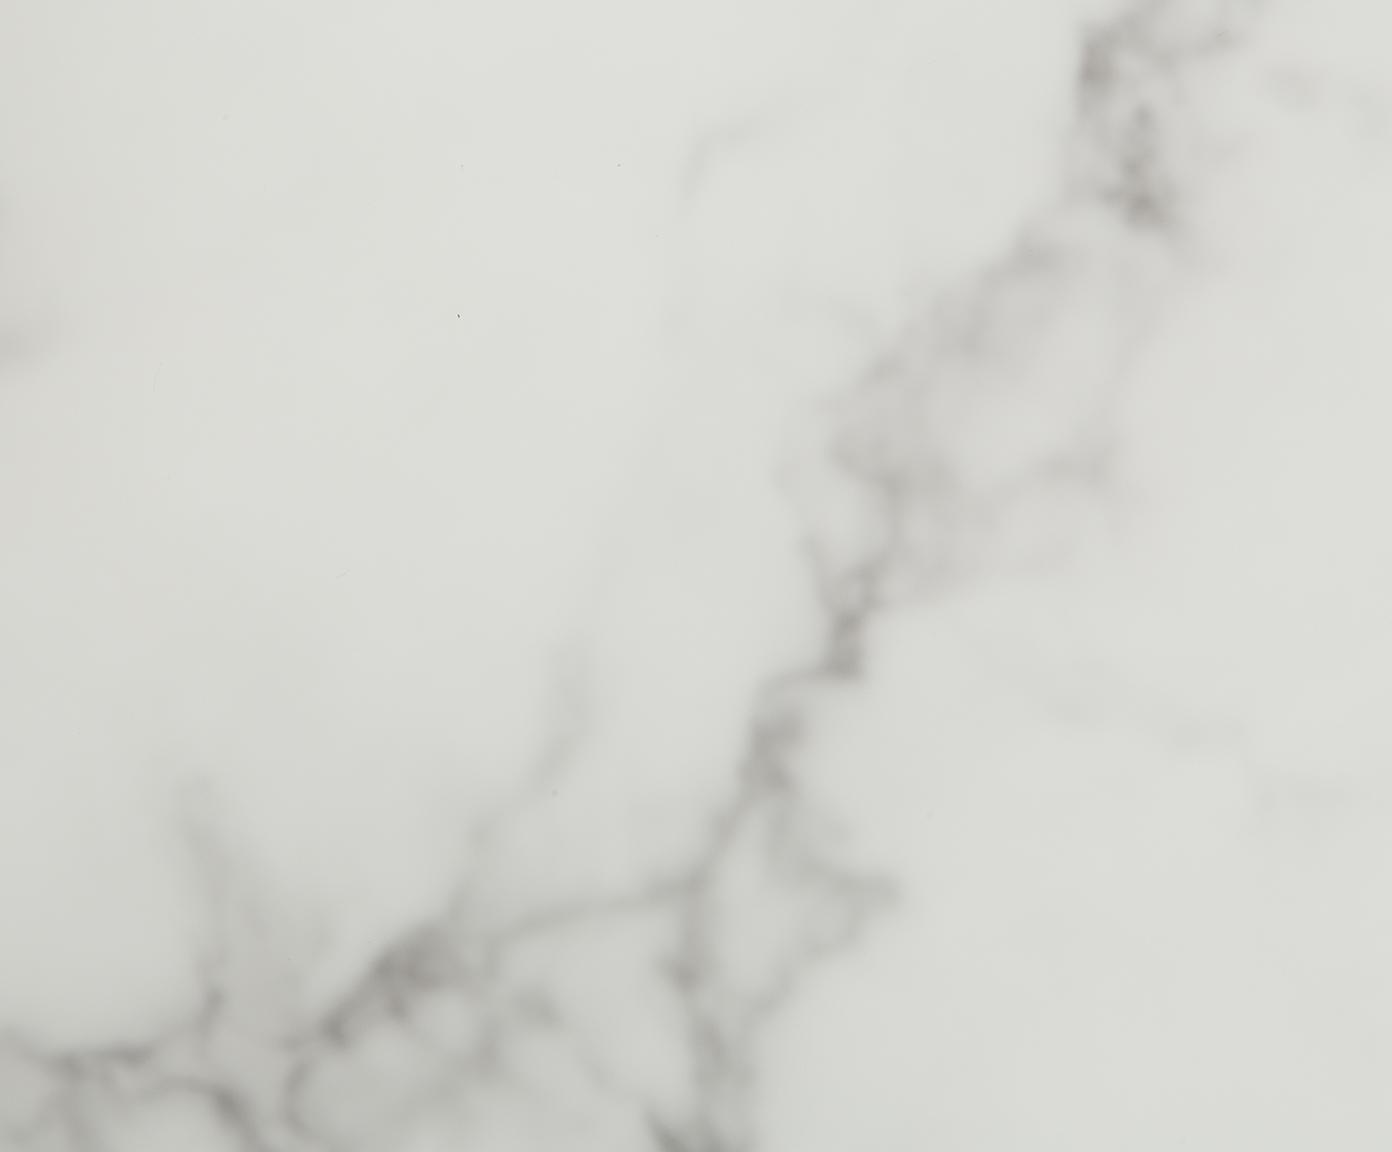 Salontafel Antigua met gemarmerde glazen tafelblad, Tafelblad: glas, mat bedrukt, Frame: vermessingd staal, Wit-grijs gemarmerd, goudkleurig, Ø 78 x H 44 cm